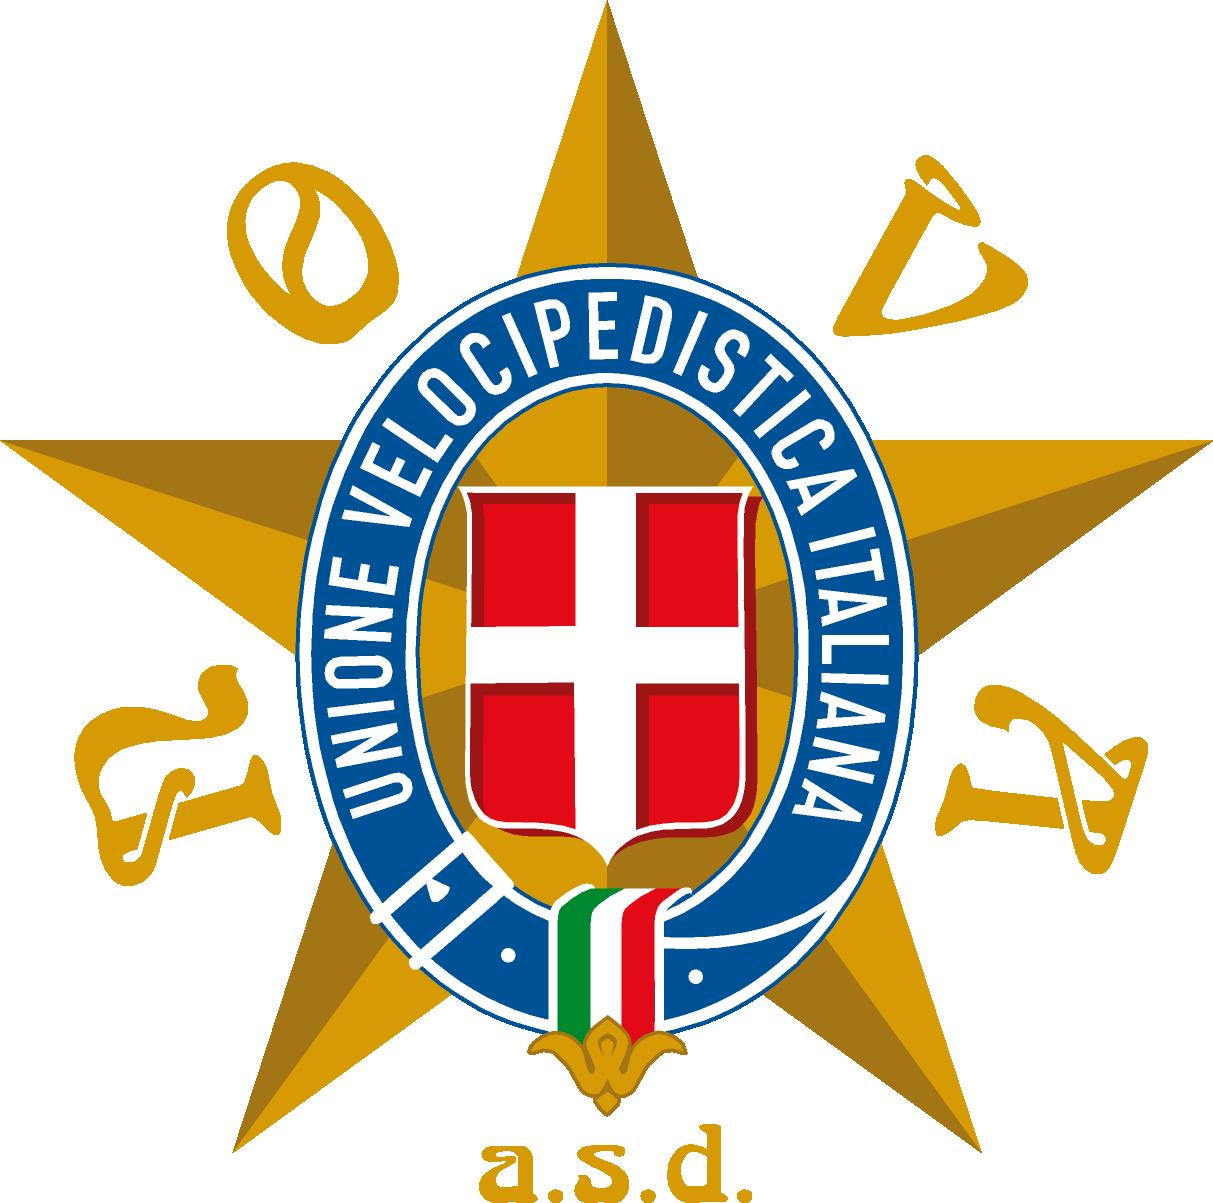 Nova Unione Velocipedistica Italiana